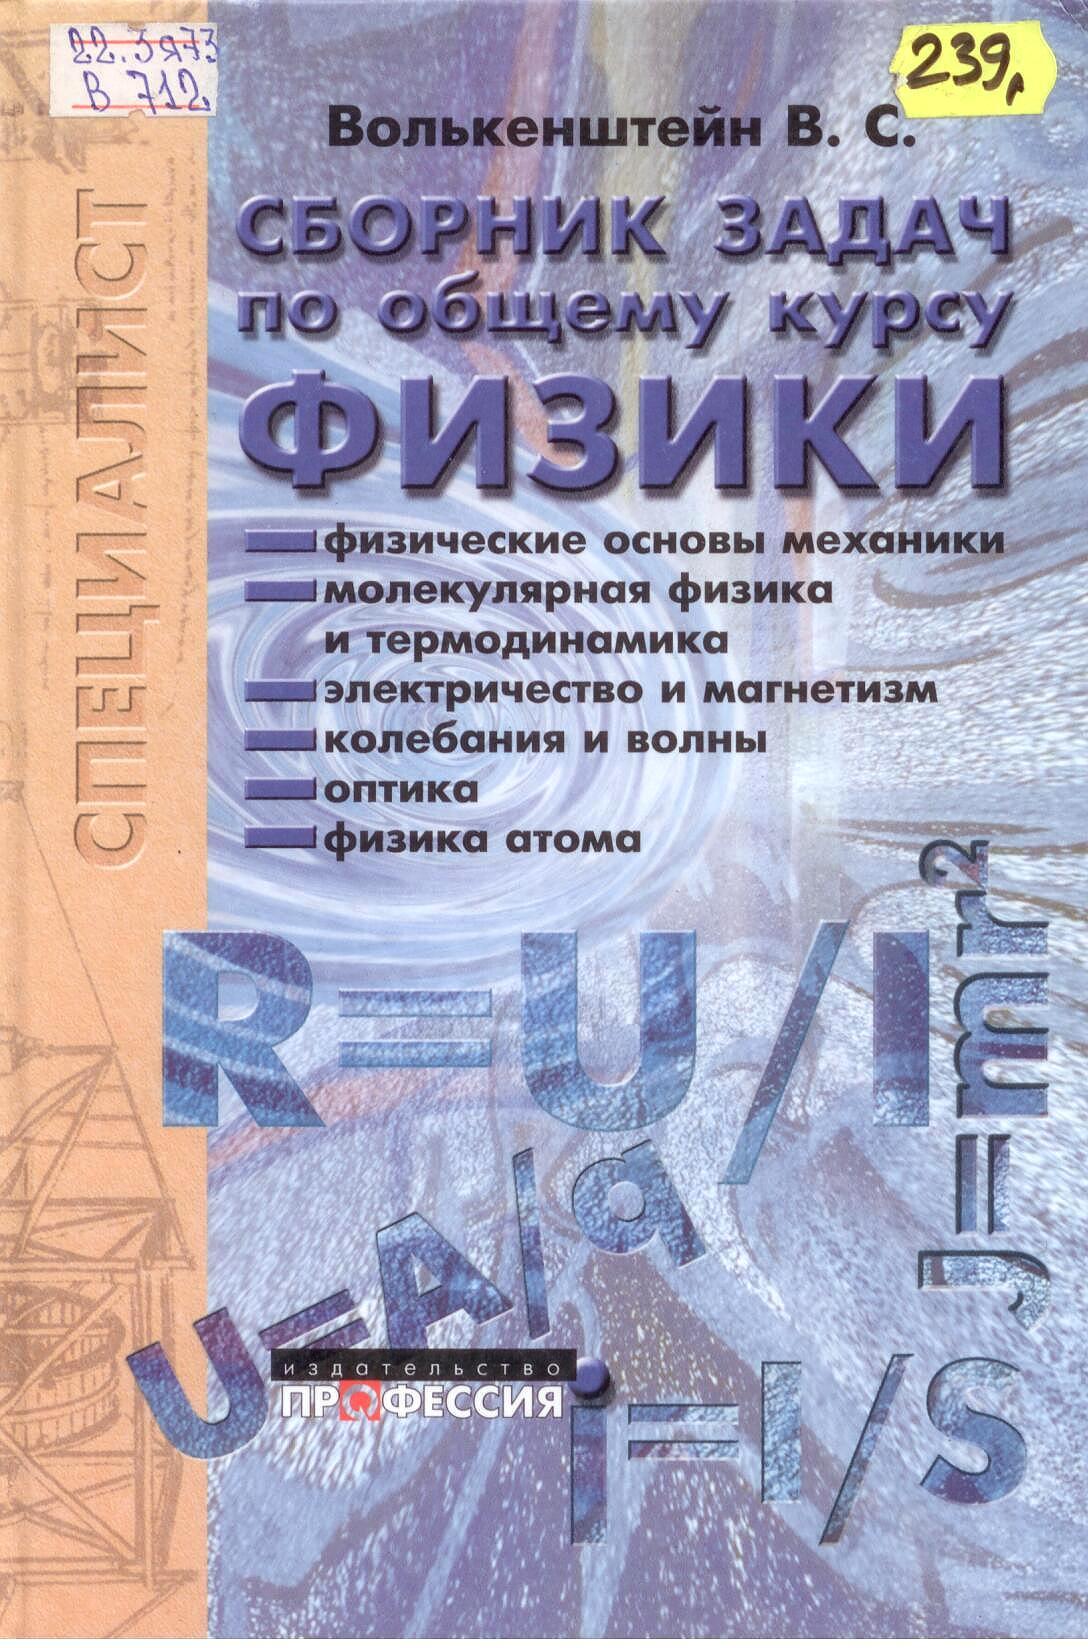 решебник сборника волькенштейна по физике